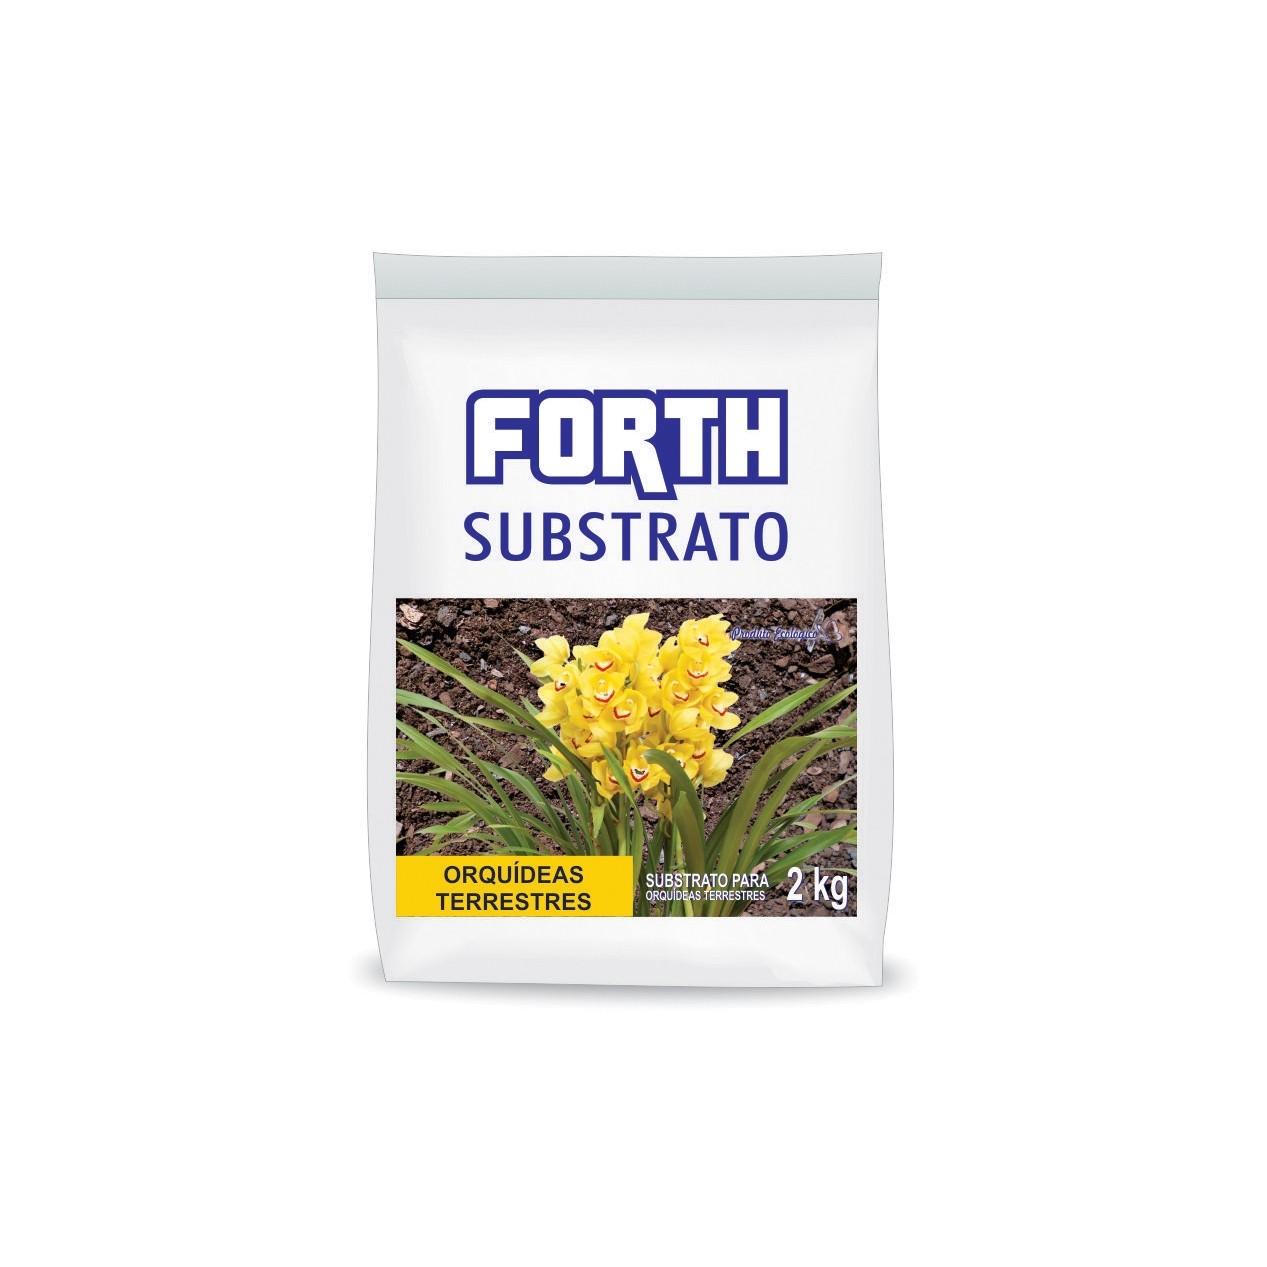 Fertilizante FORTH Substrato Orquídea Terrestre 2kg